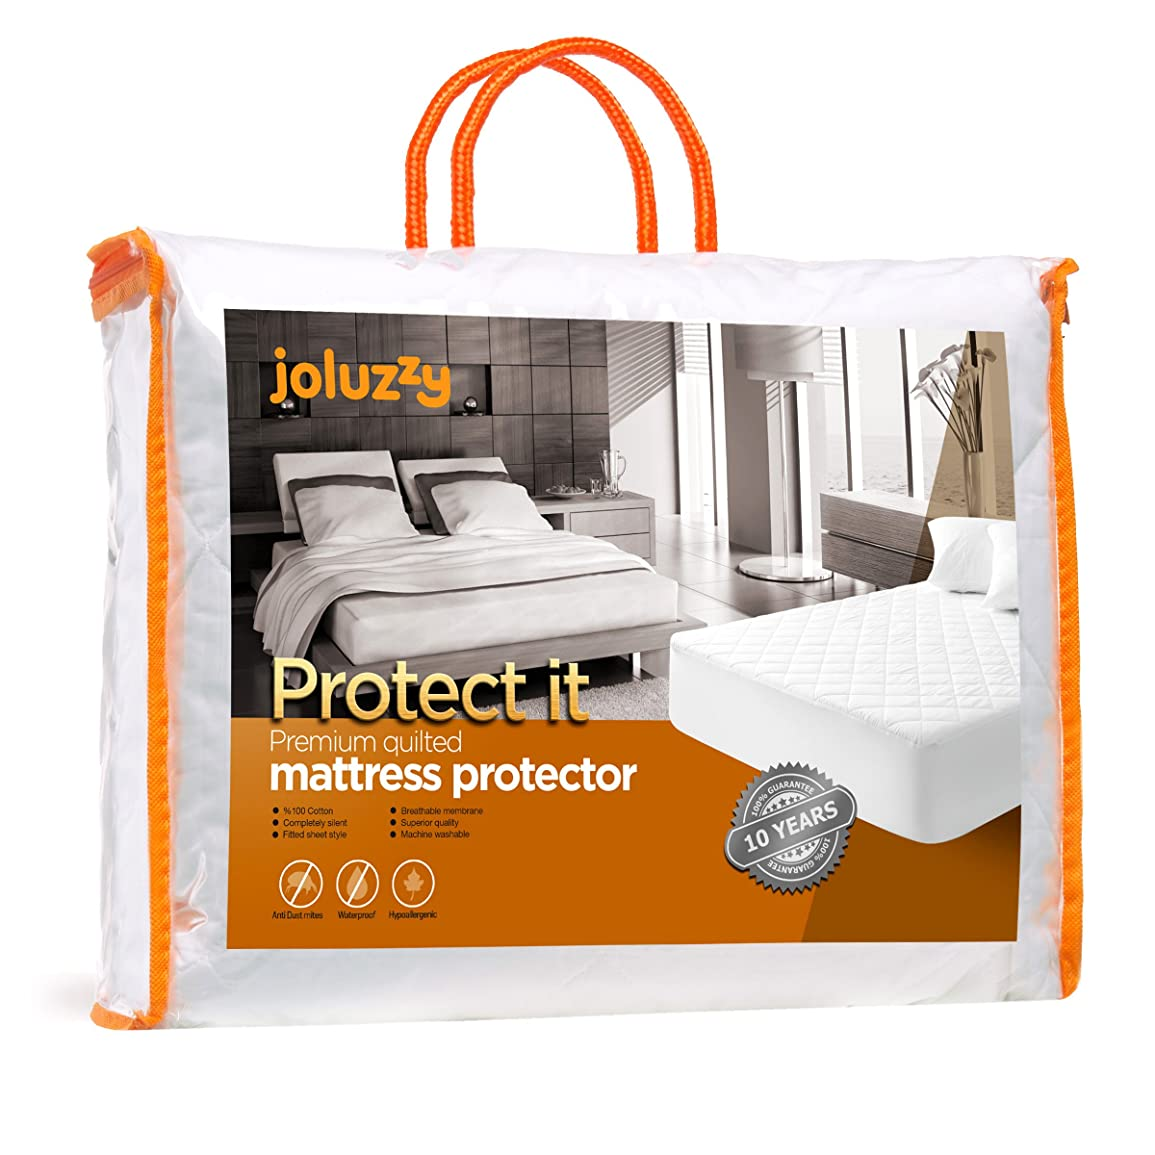 道を作る虐待アナウンサー(Twin) - Best Quality Quilted Waterproof Mattress Pad Twin Size By Joluzzy, Hypoallergenic Cotton Mattress Protector, Vinyl-free, 10-Year-Warranty